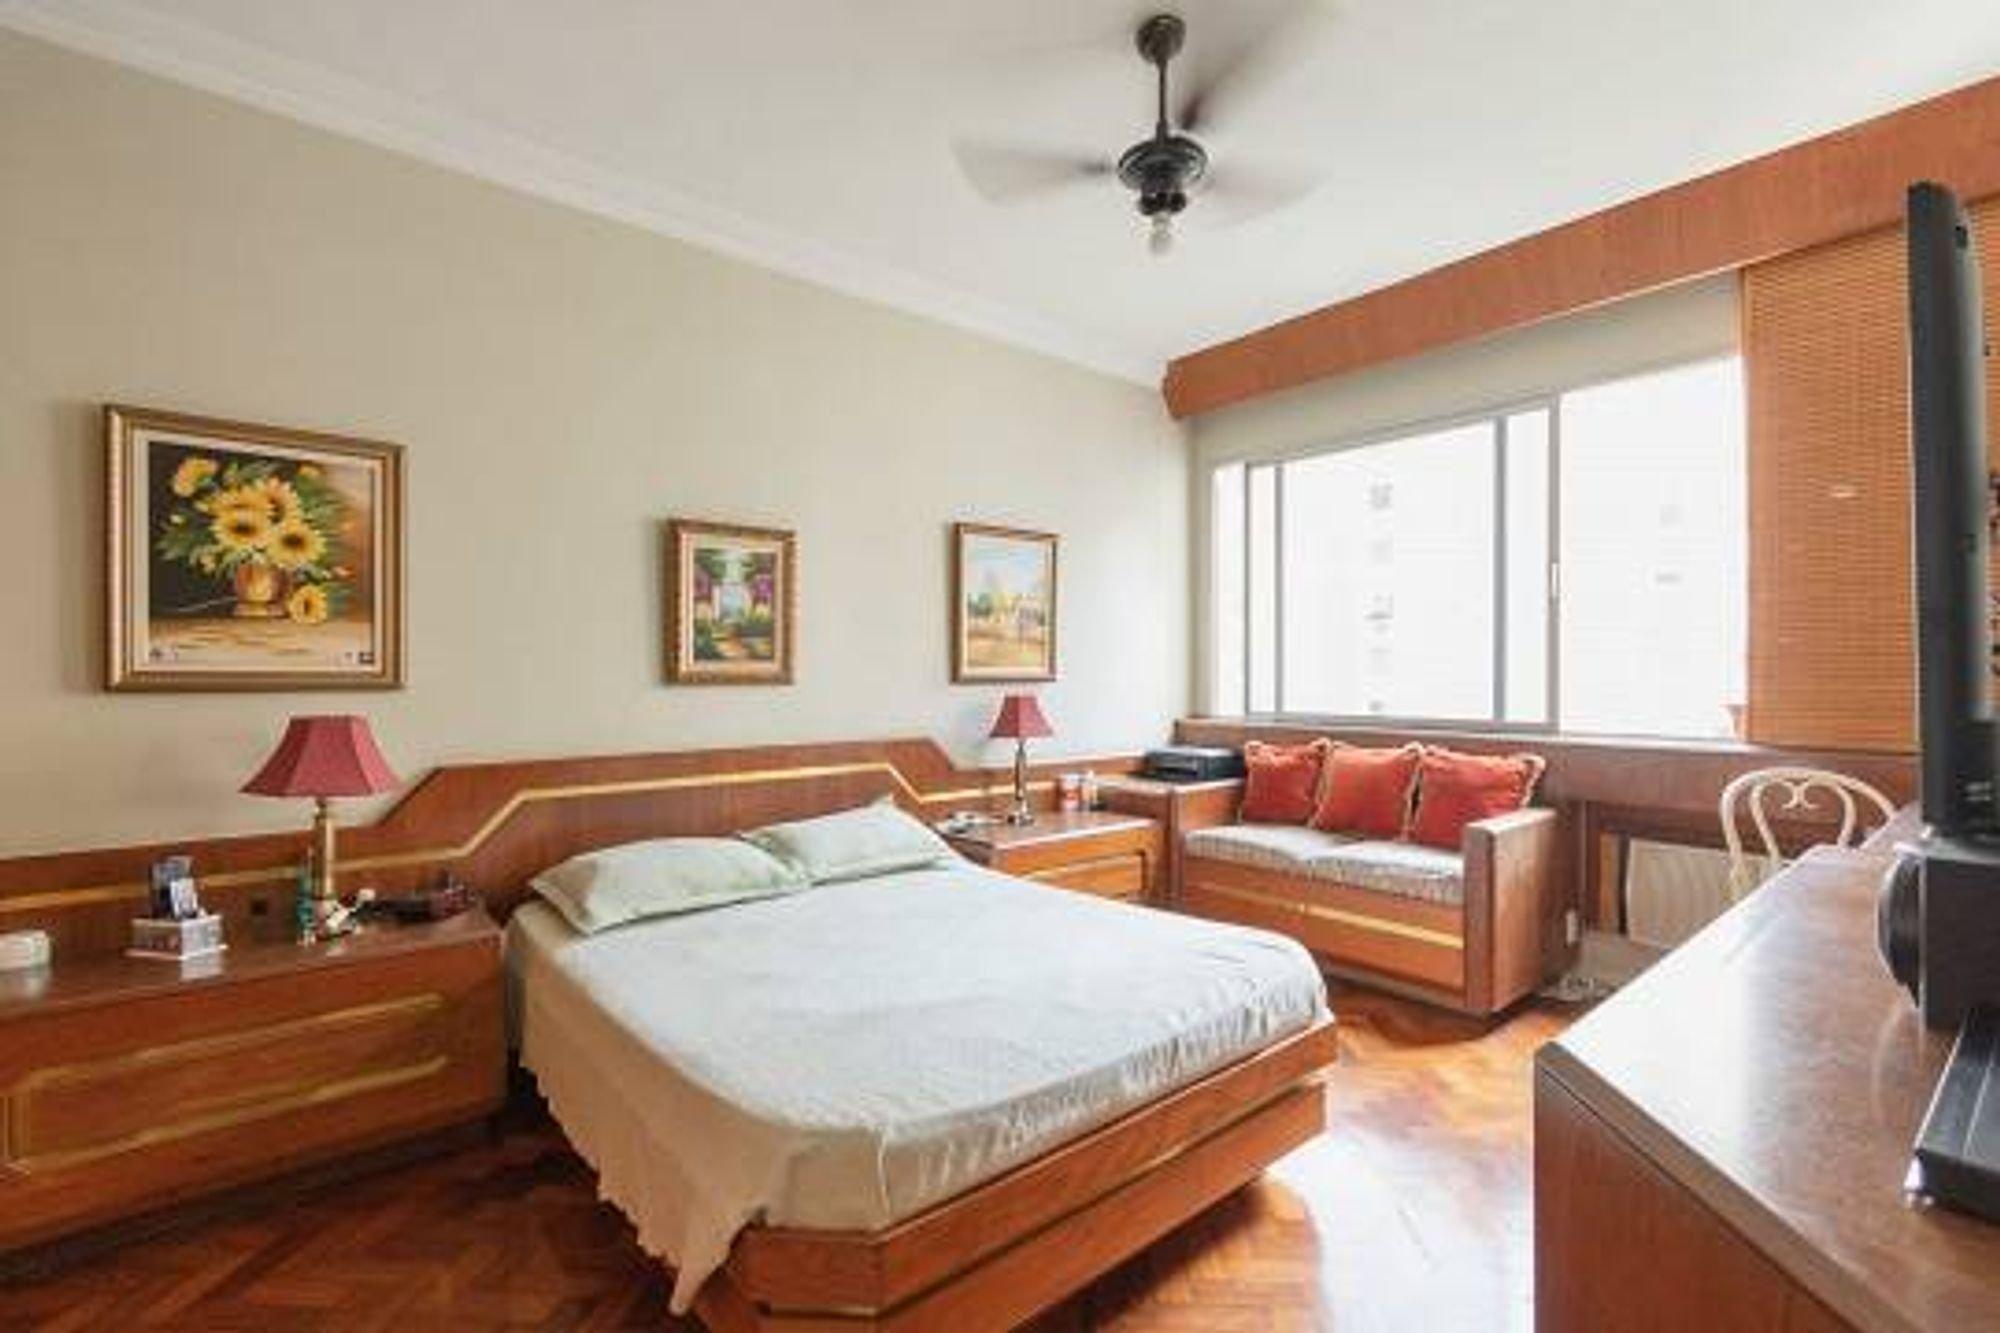 Foto de Sala com cama, sofá, cadeira